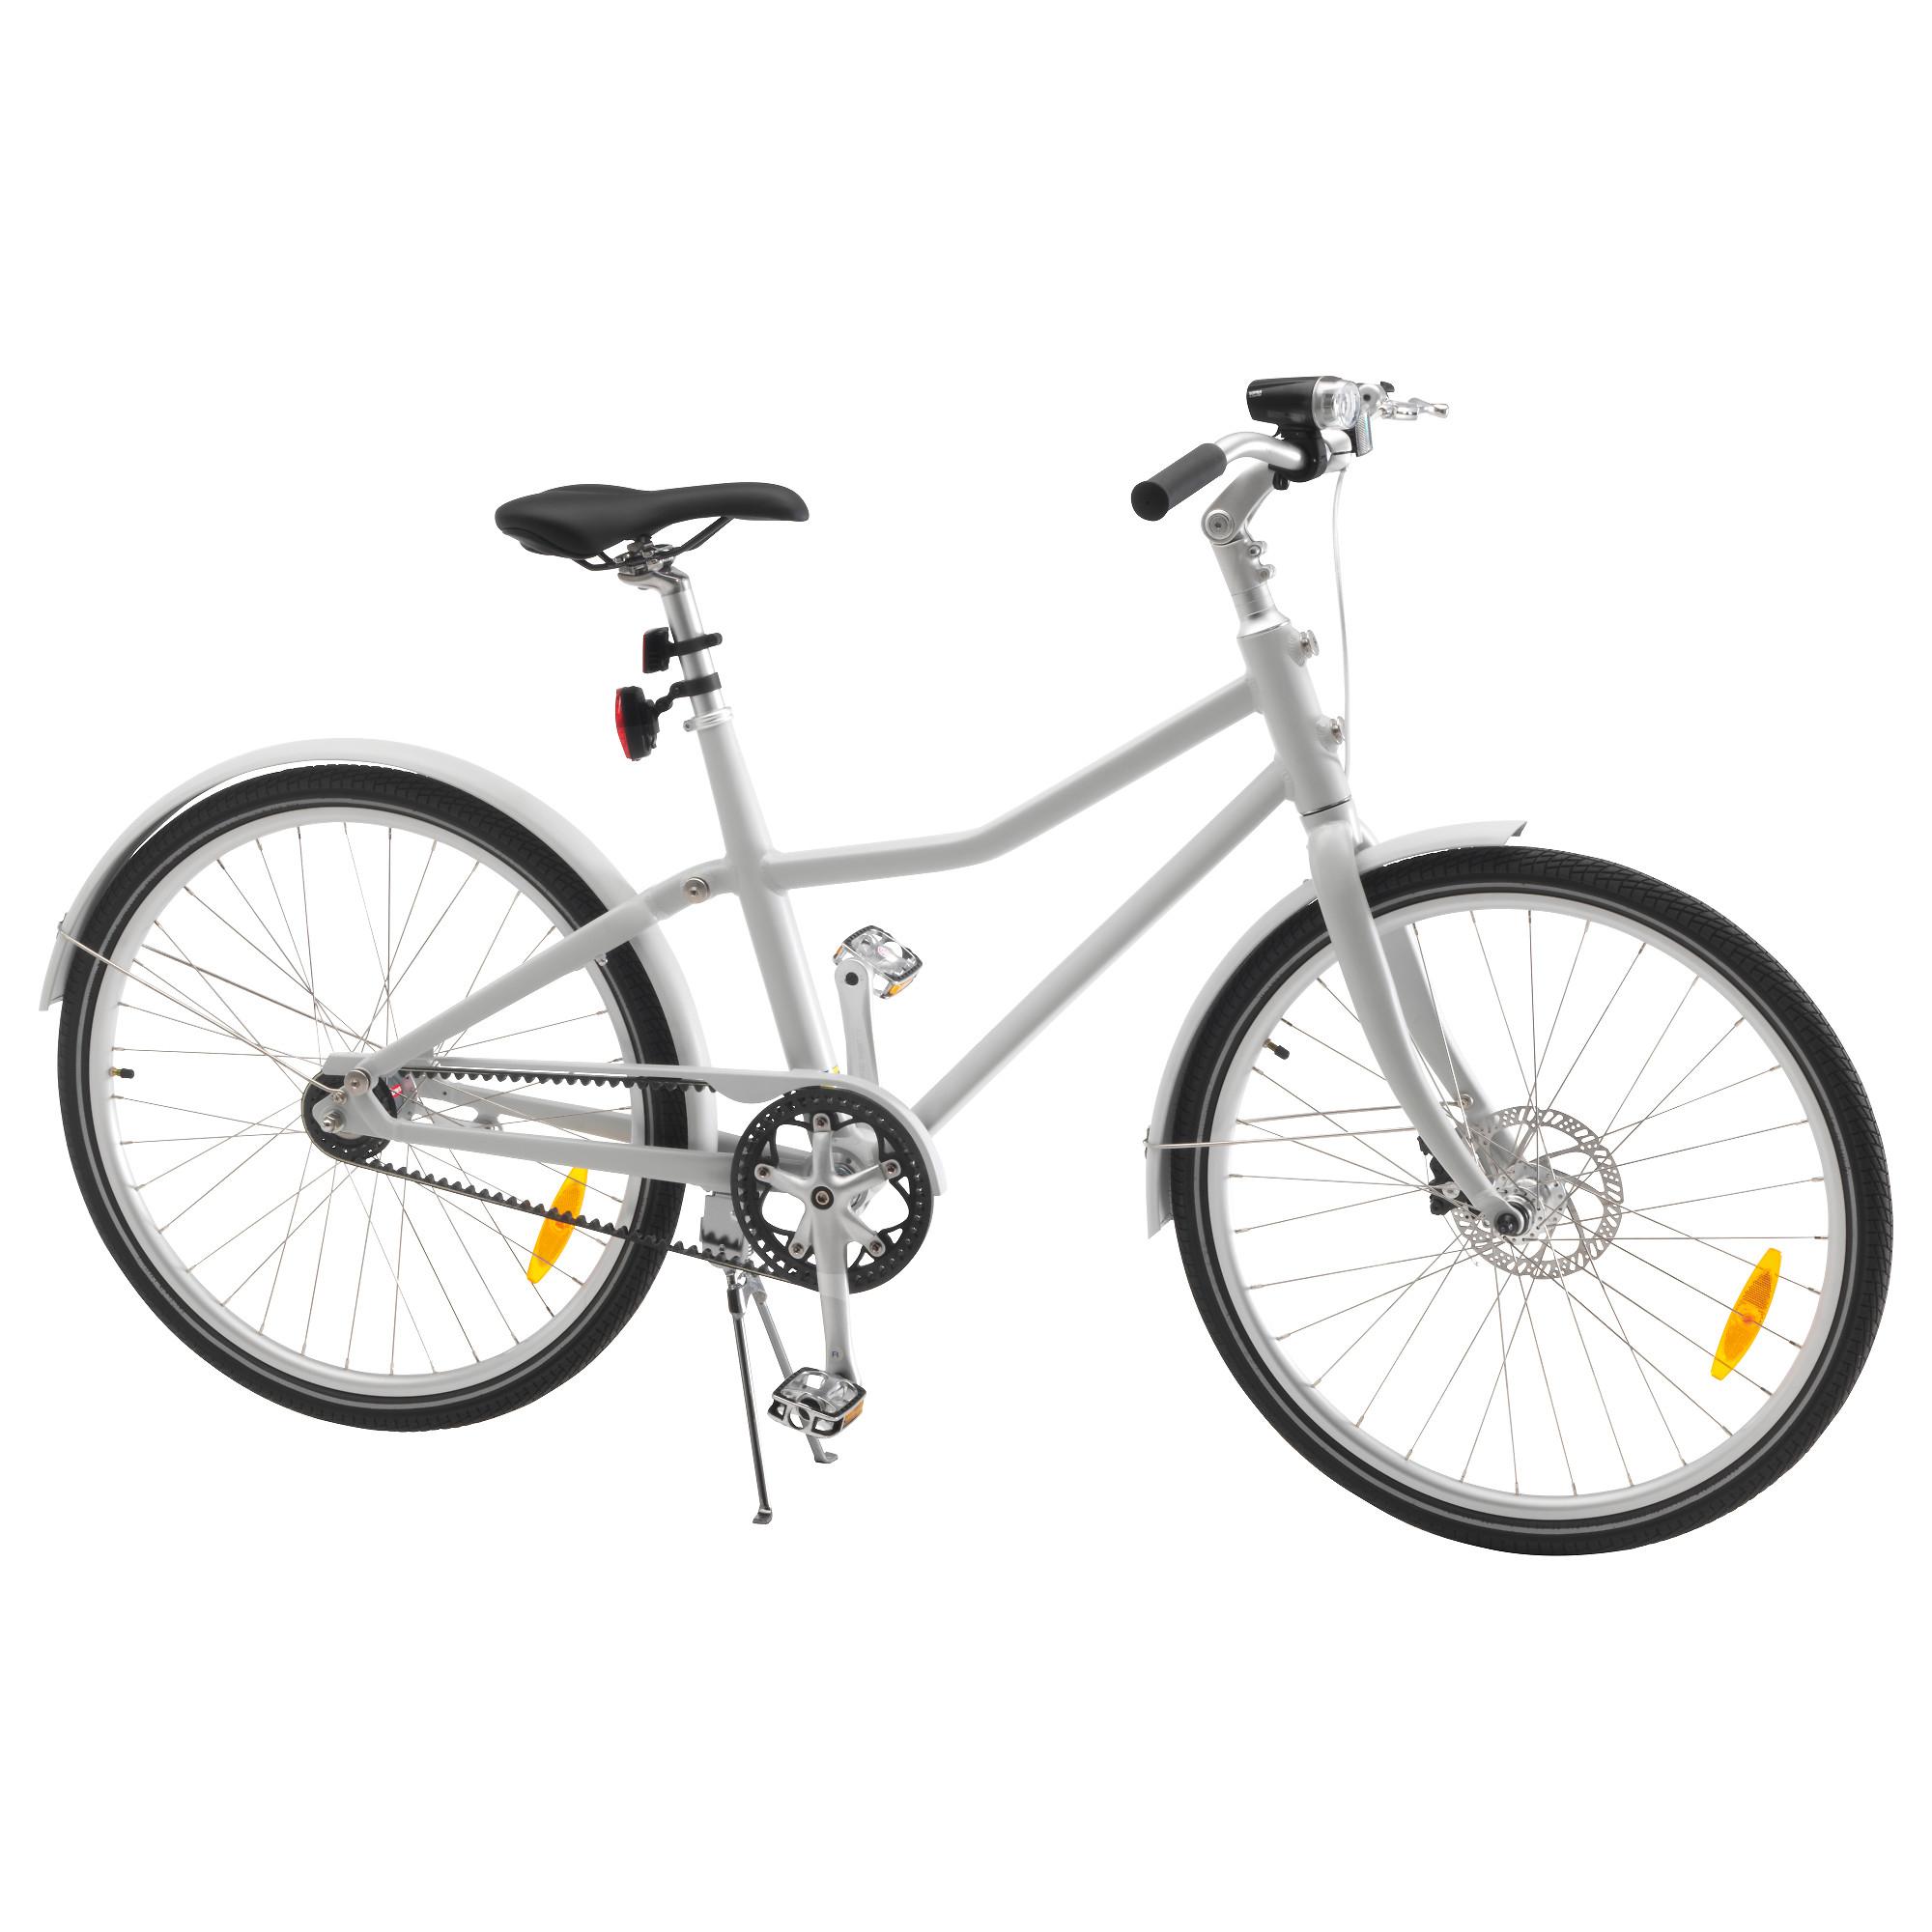 """Rückrufaktion: IKEA Family: """"Sladda"""" 28"""" Fahrrad zurückbringen - 470 € Erstattug"""